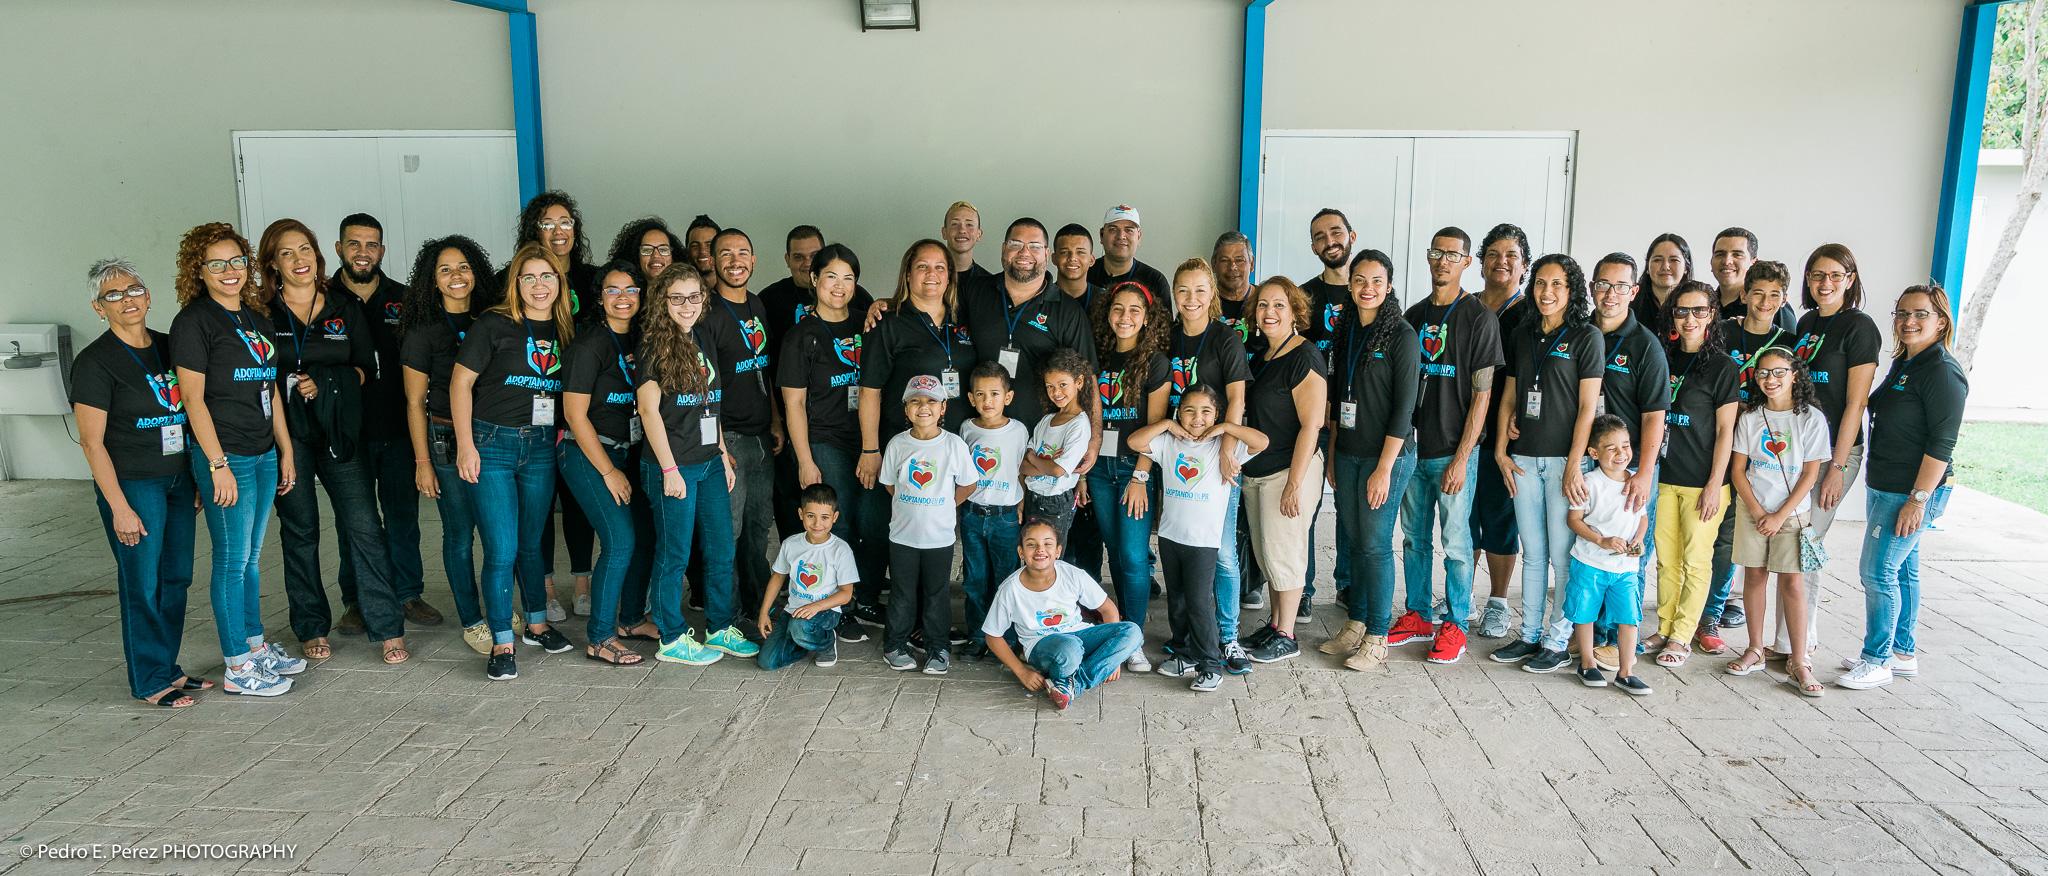 Grupo de voluntarios de nuestra 2da Conferencia Nacional 2017 en la Iglesia Bautista de Glenview, Ponce.  Group of volunteers from our 2nd National Conference 2017 at the Baptist Church of Glenview, Ponce.